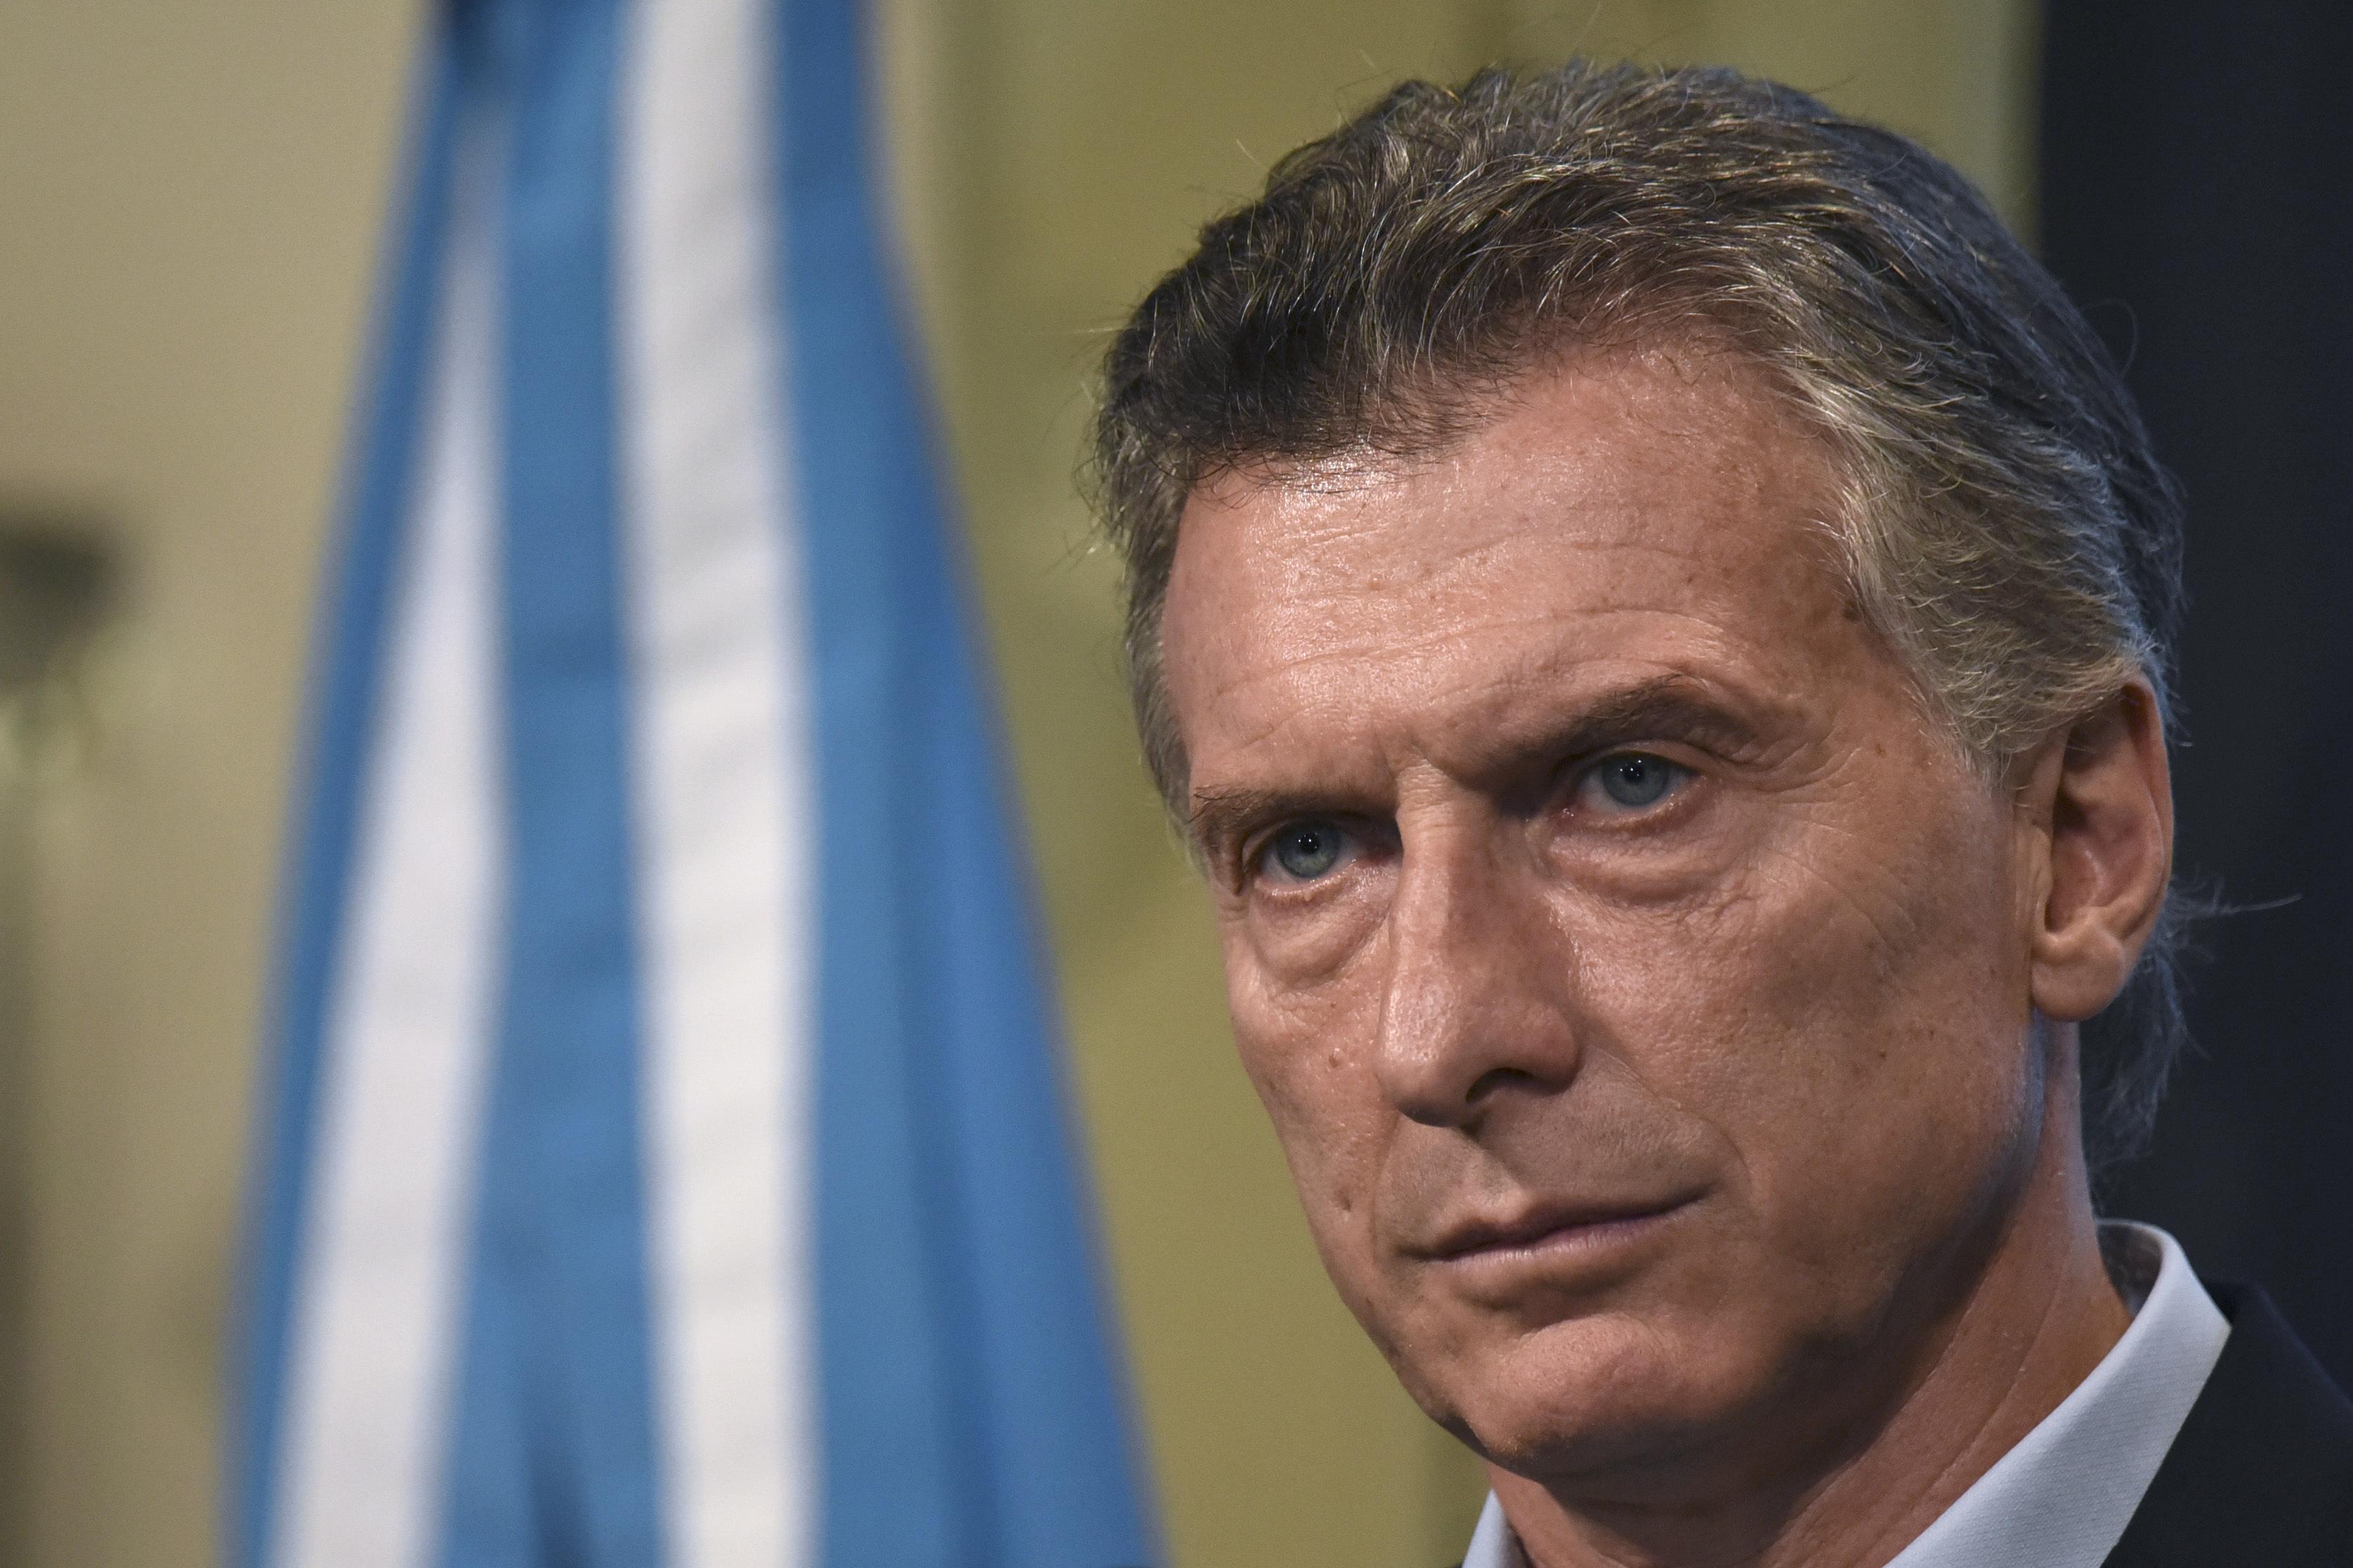 ARGENTINA-POLITICS-MACRI